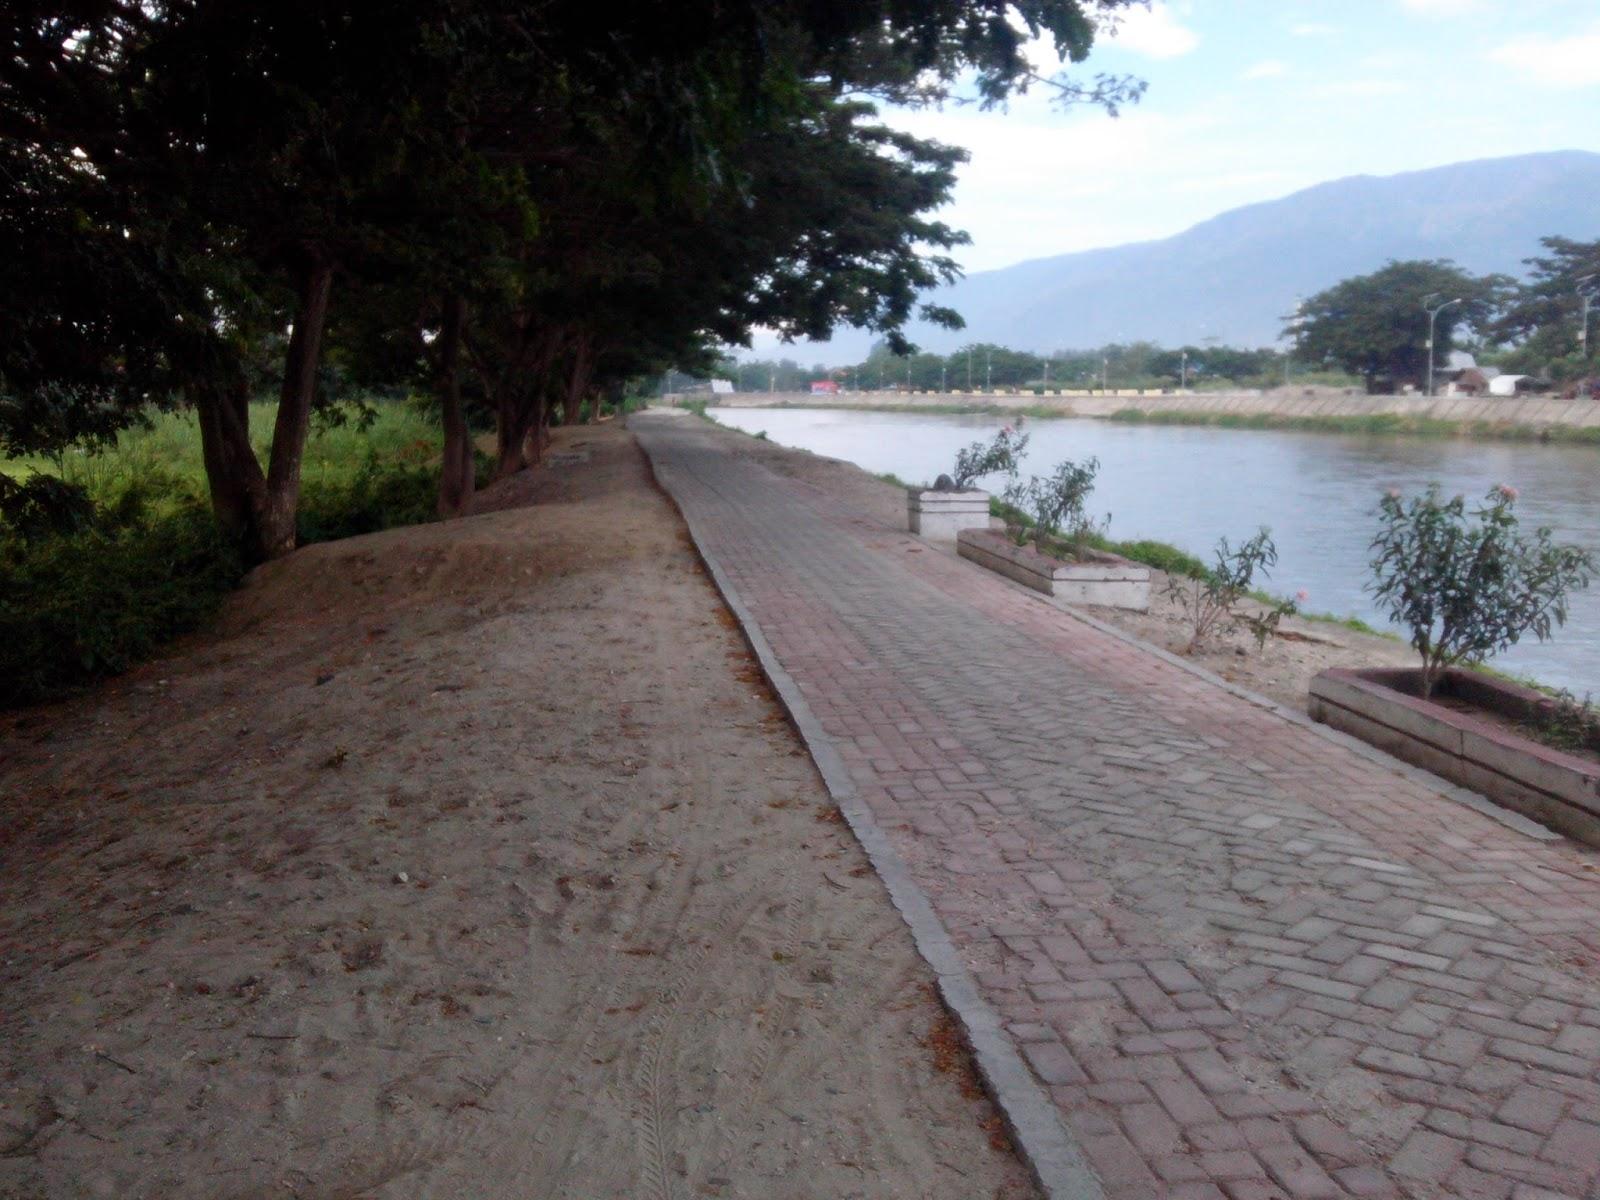 Sungai Palu Potensi Wisata Kota Terpendam Rizensia Gambar Produksi Foto